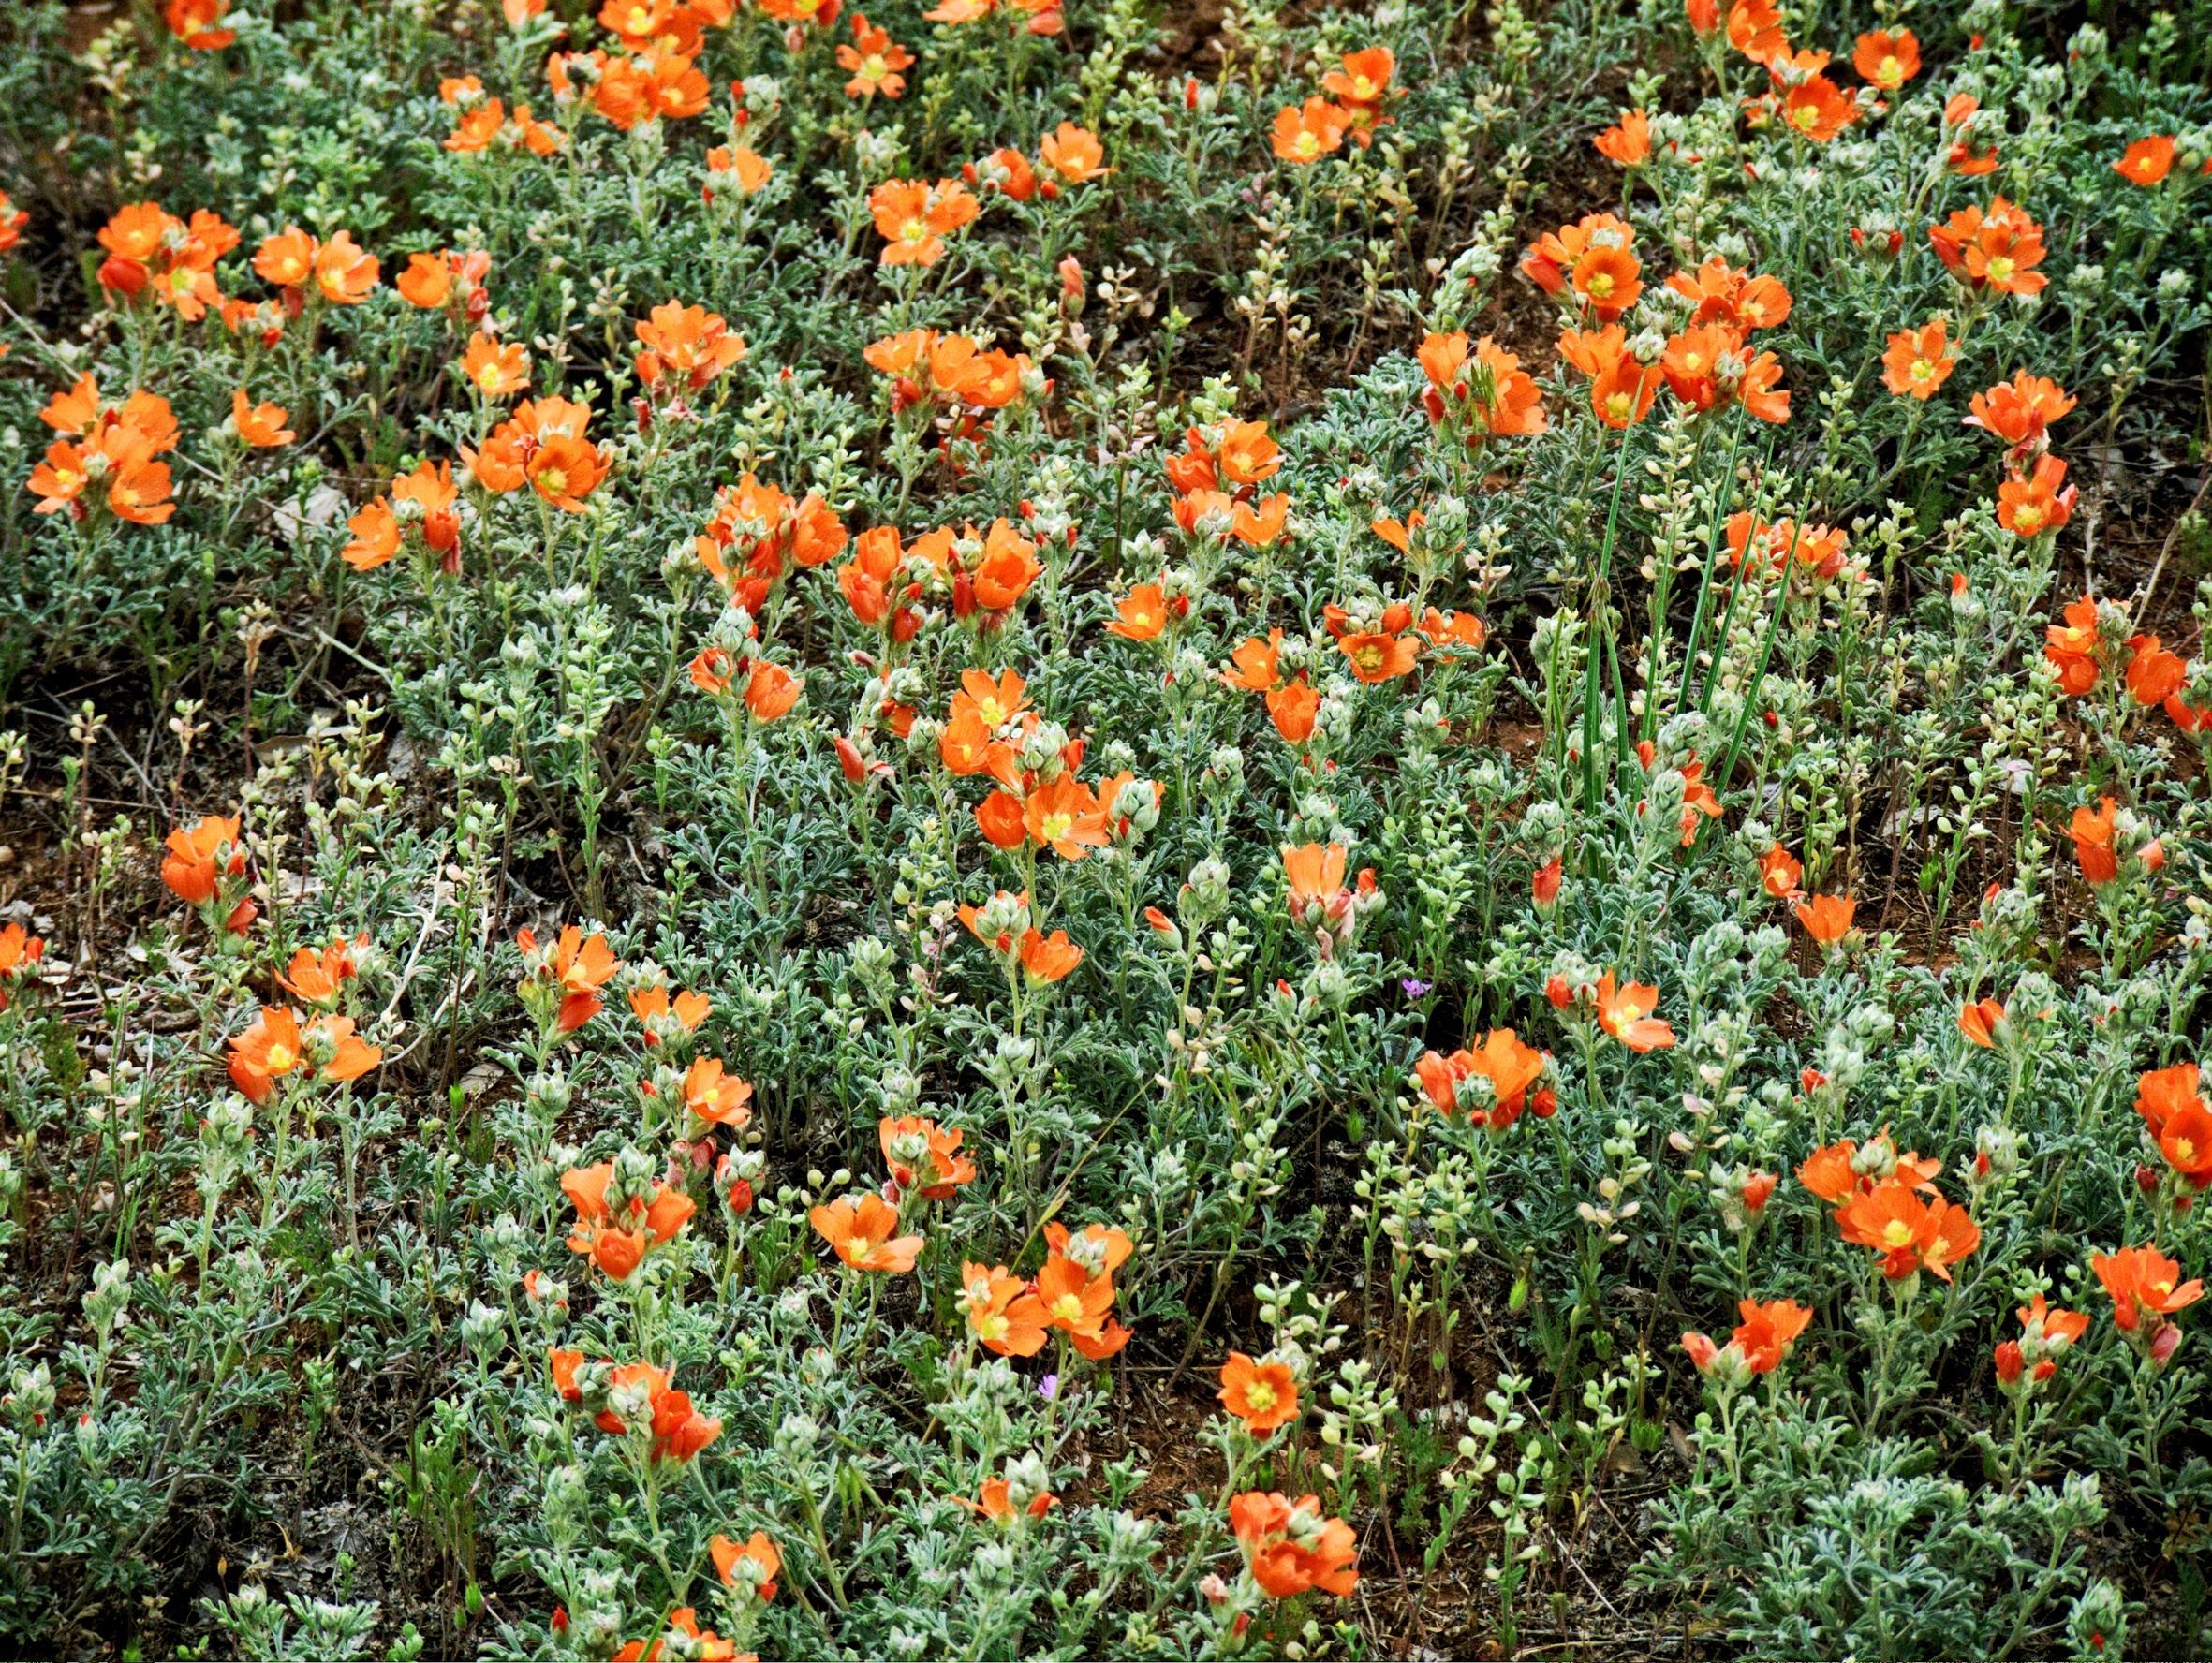 Free Images Blossom Flower Summer Floral Orange Spring Herb